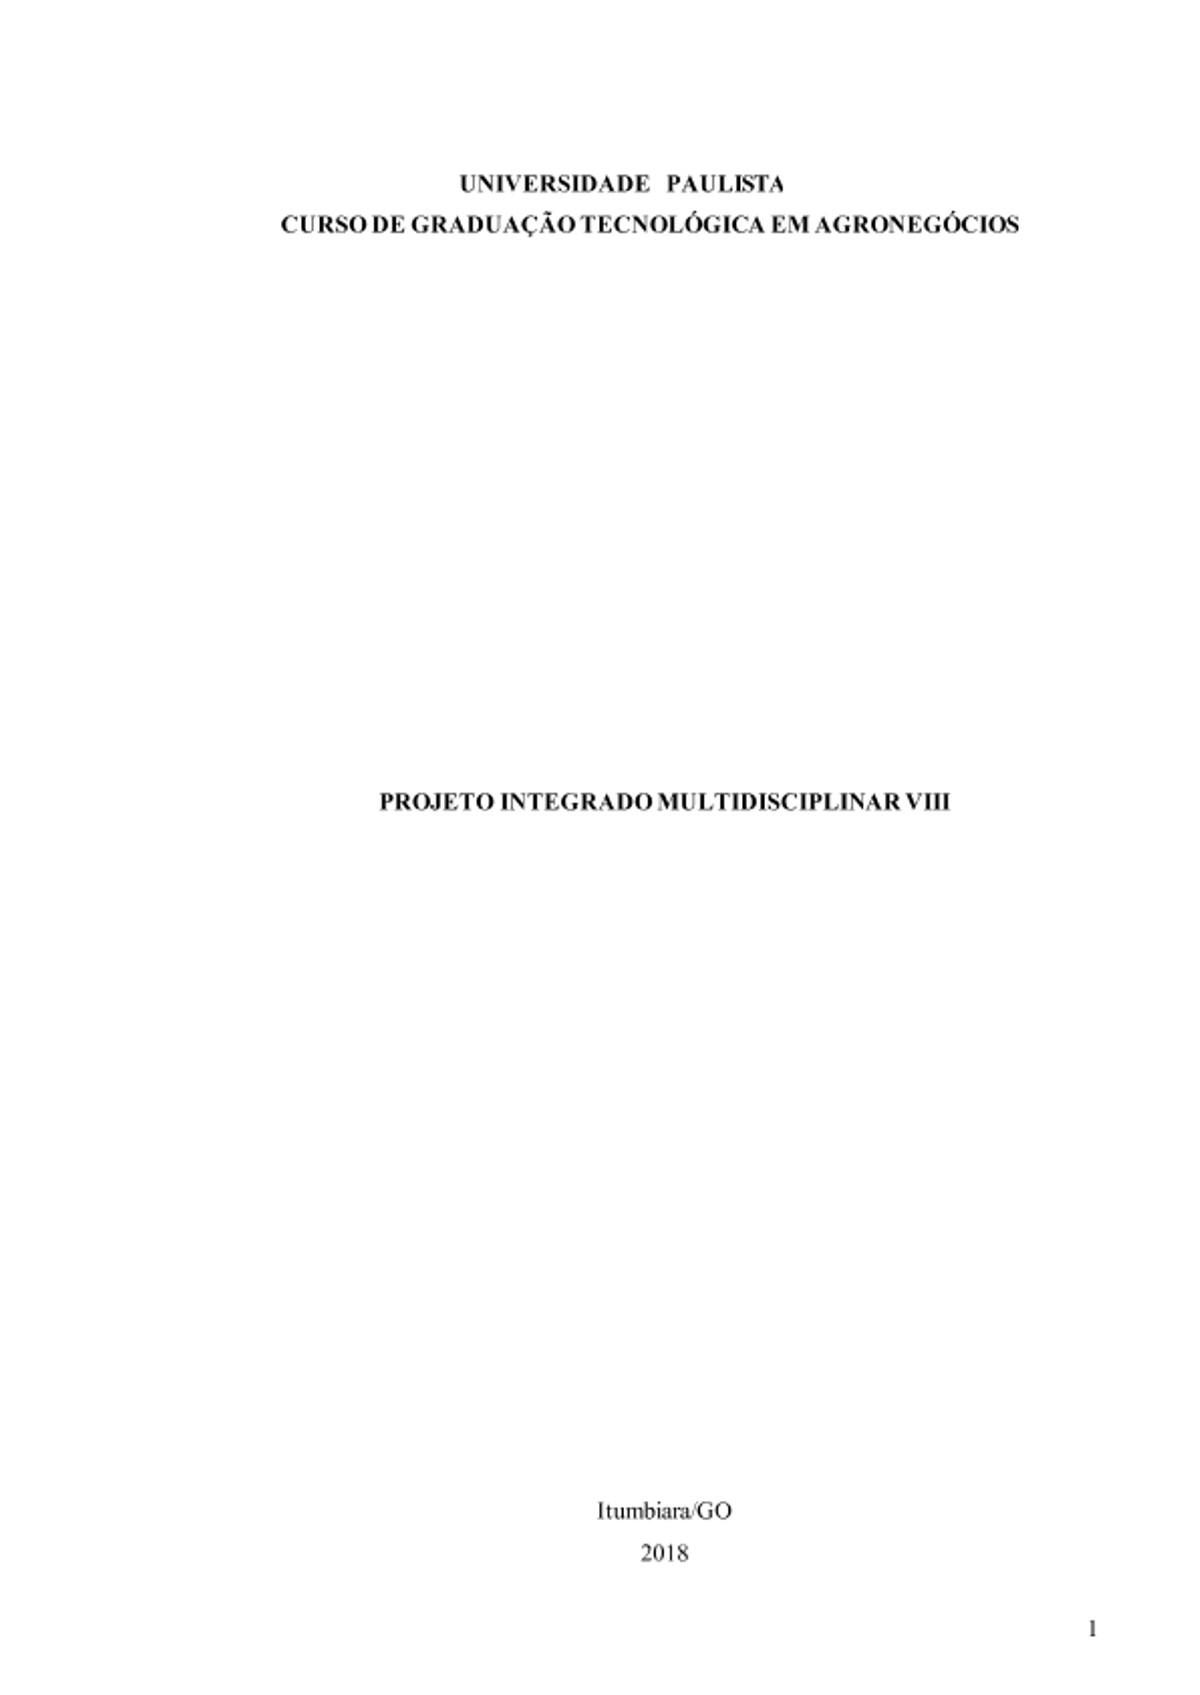 Pre-visualização do material PIM VIII - página 1